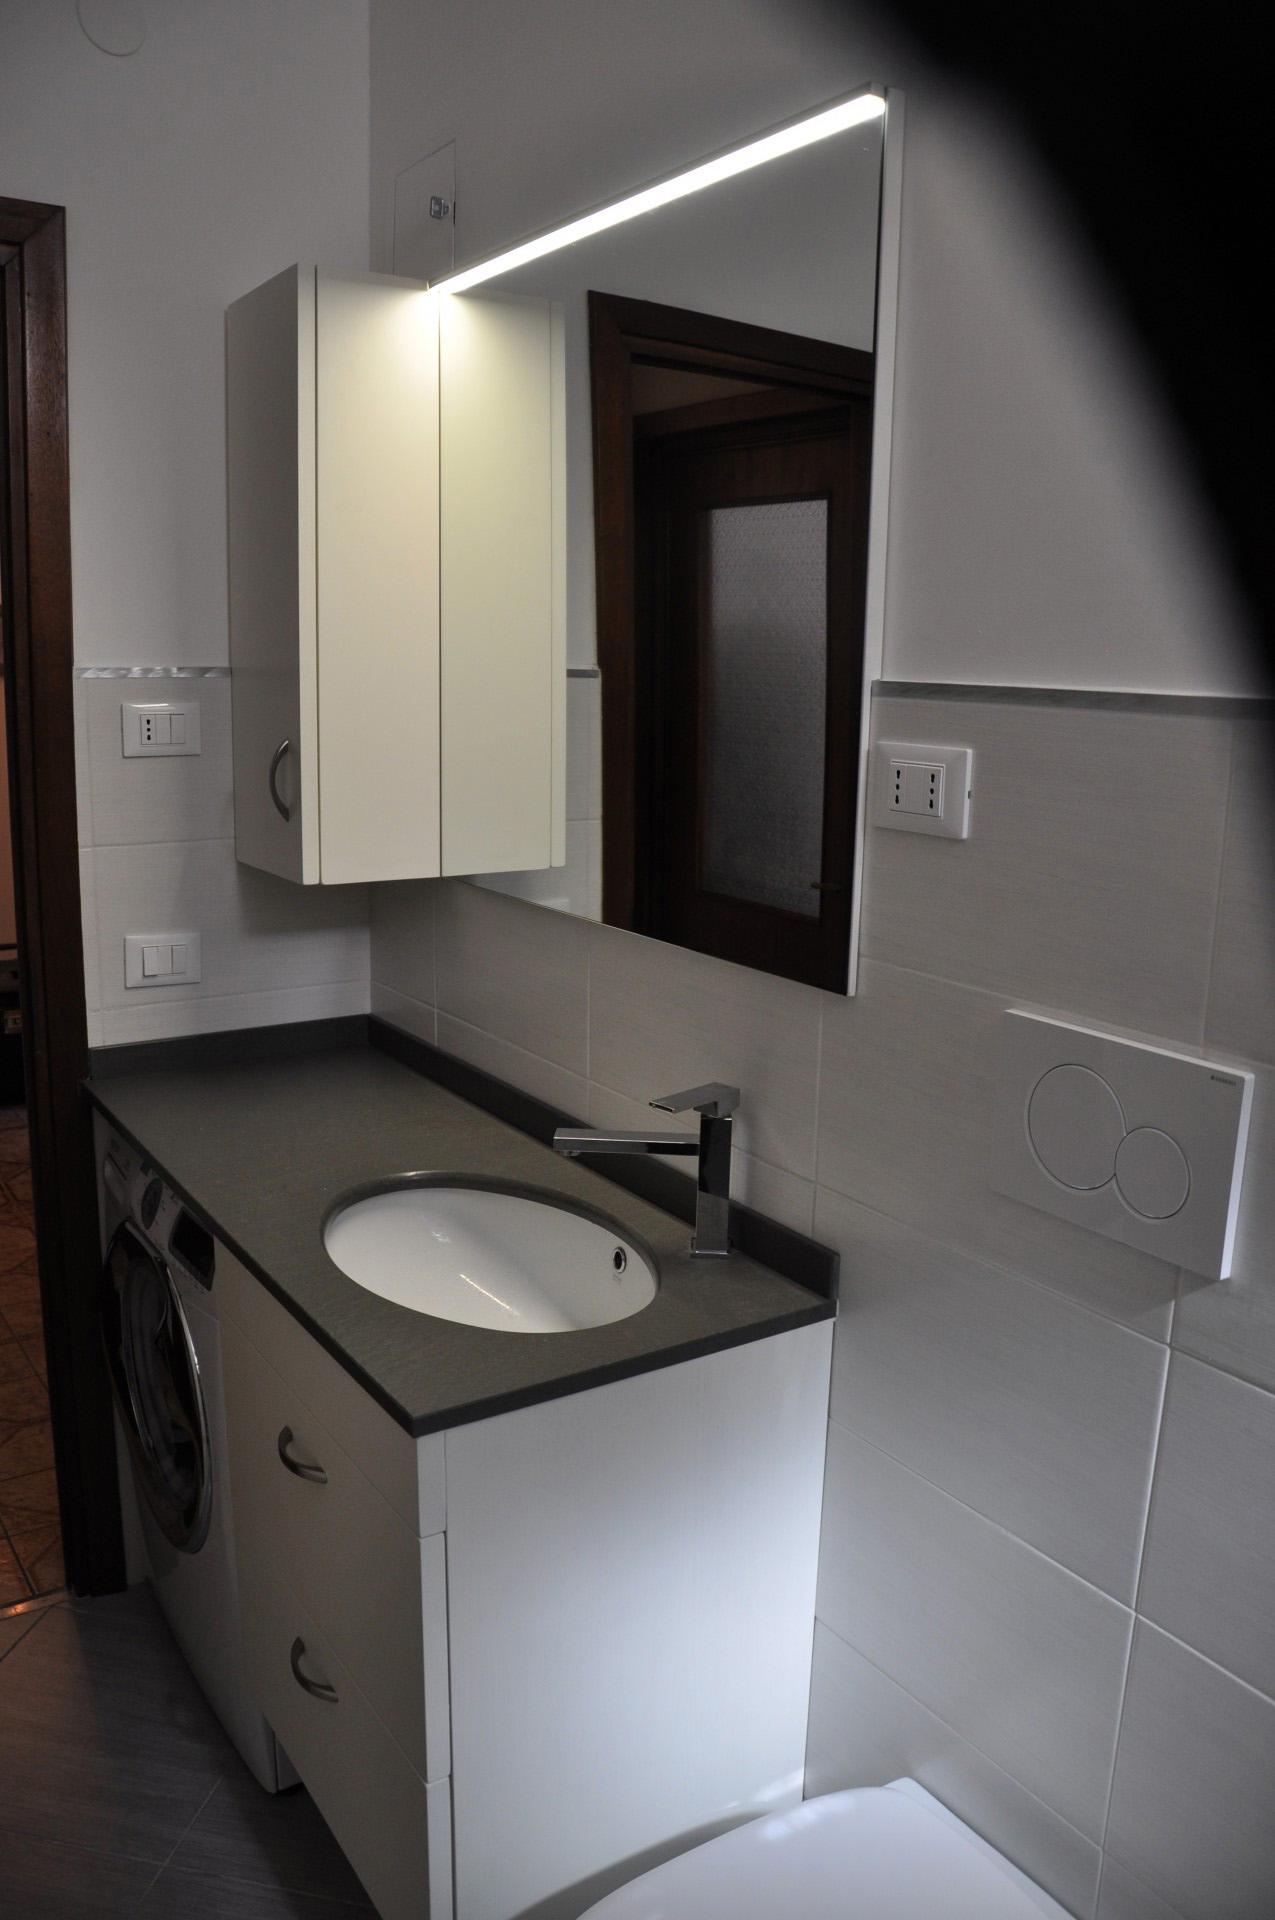 Mobili per bagno fadini mobili cerea verona for Arredo bagno con lavatrice